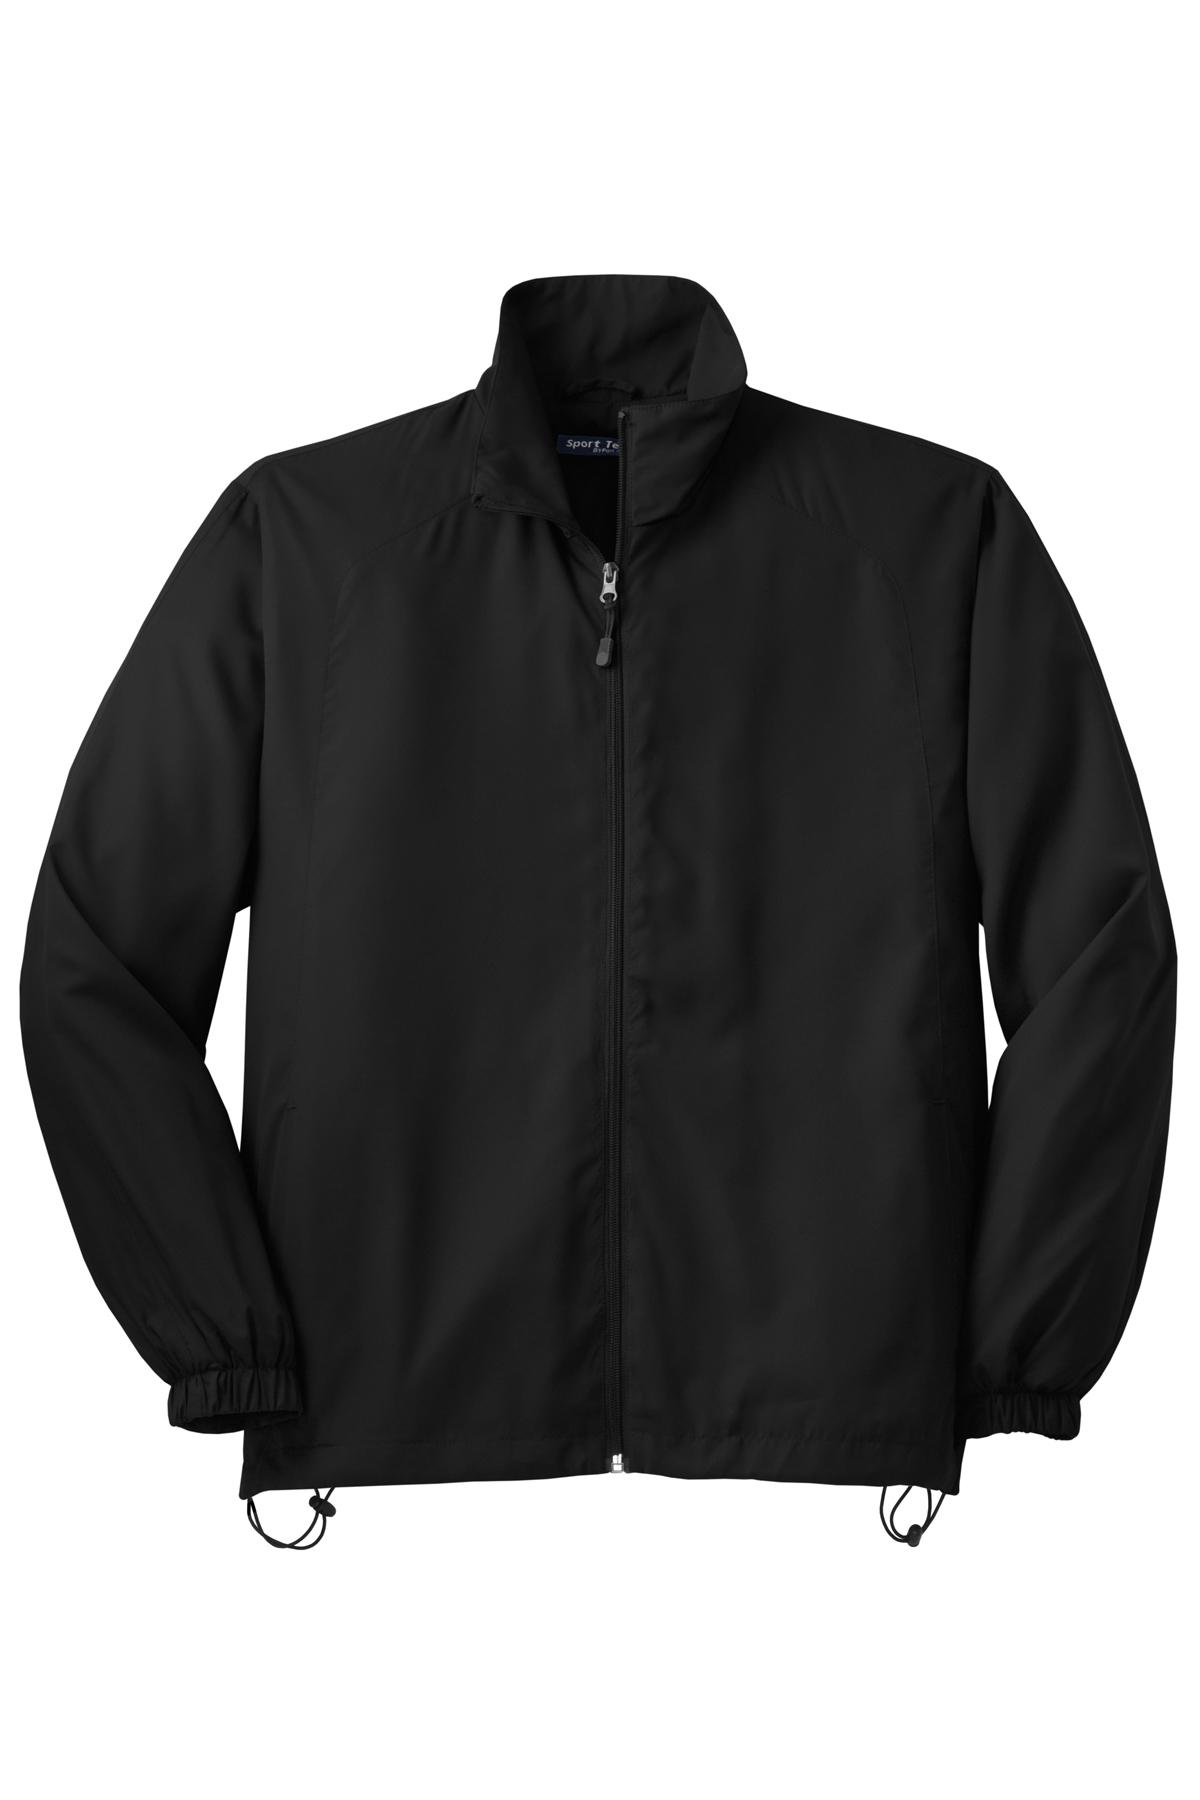 4XL Black Tek Sport JST70 Full-Zip Wind Jacket